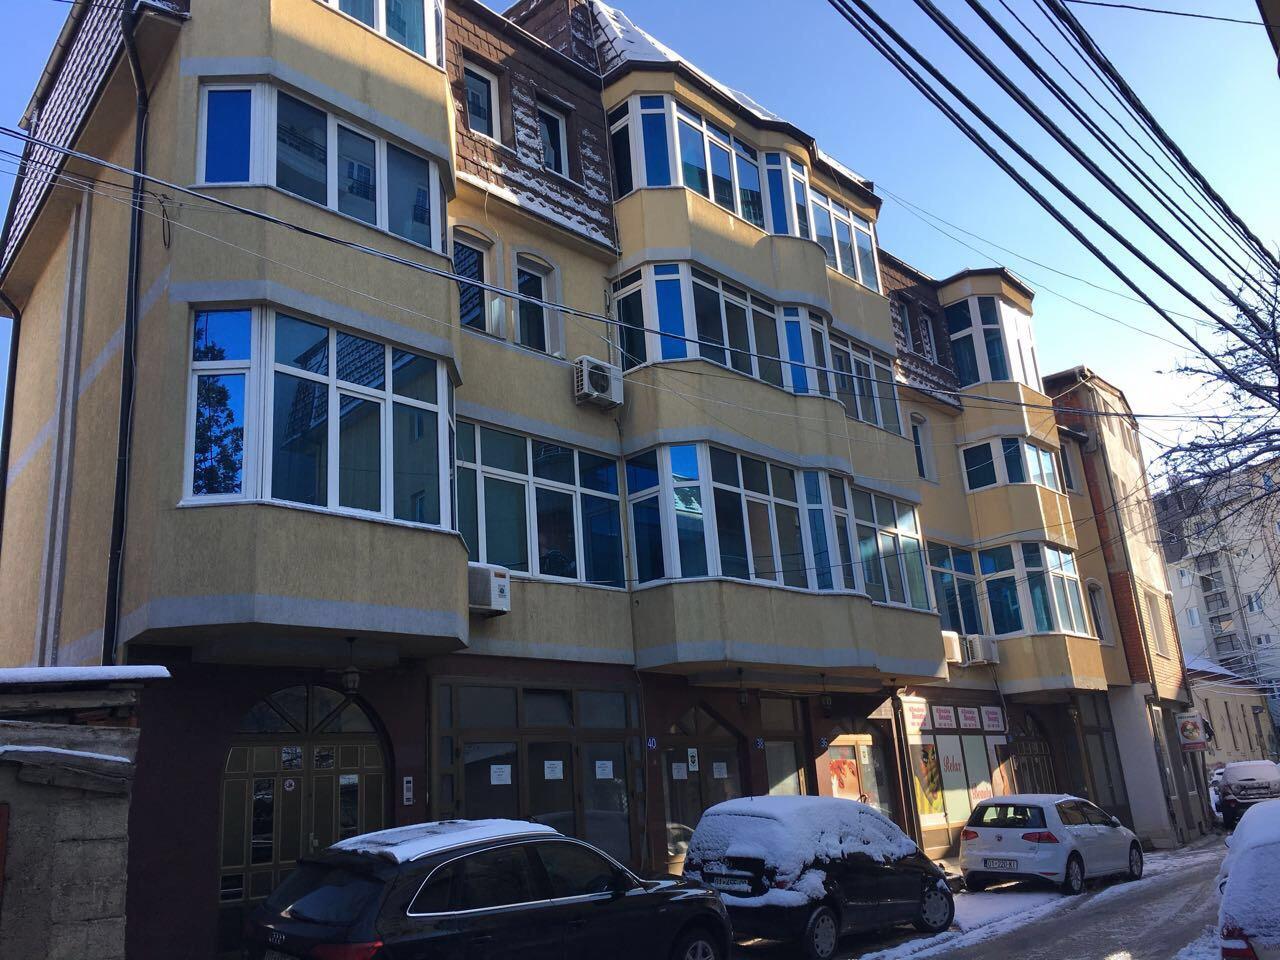 Shitet objekti afarist banesor me sipërfaqe Totale 1910m2 në qendër të Prishtines